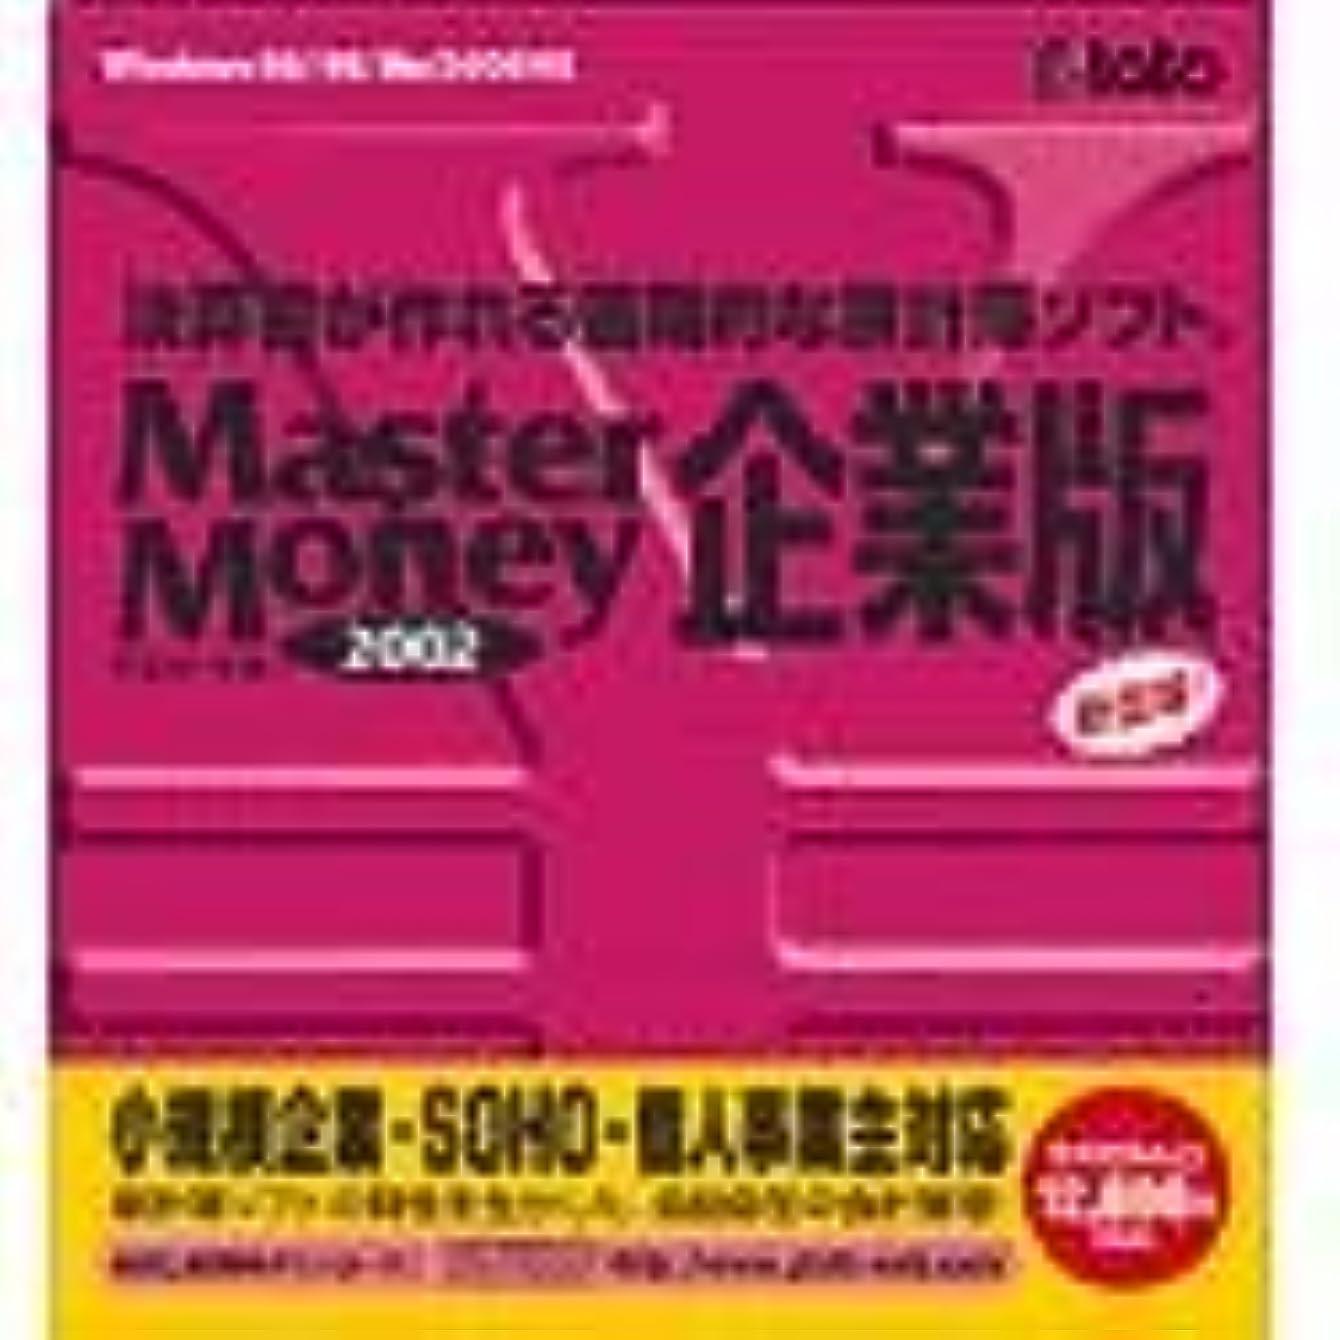 再撮り政治とMaster Money 2002 企業版